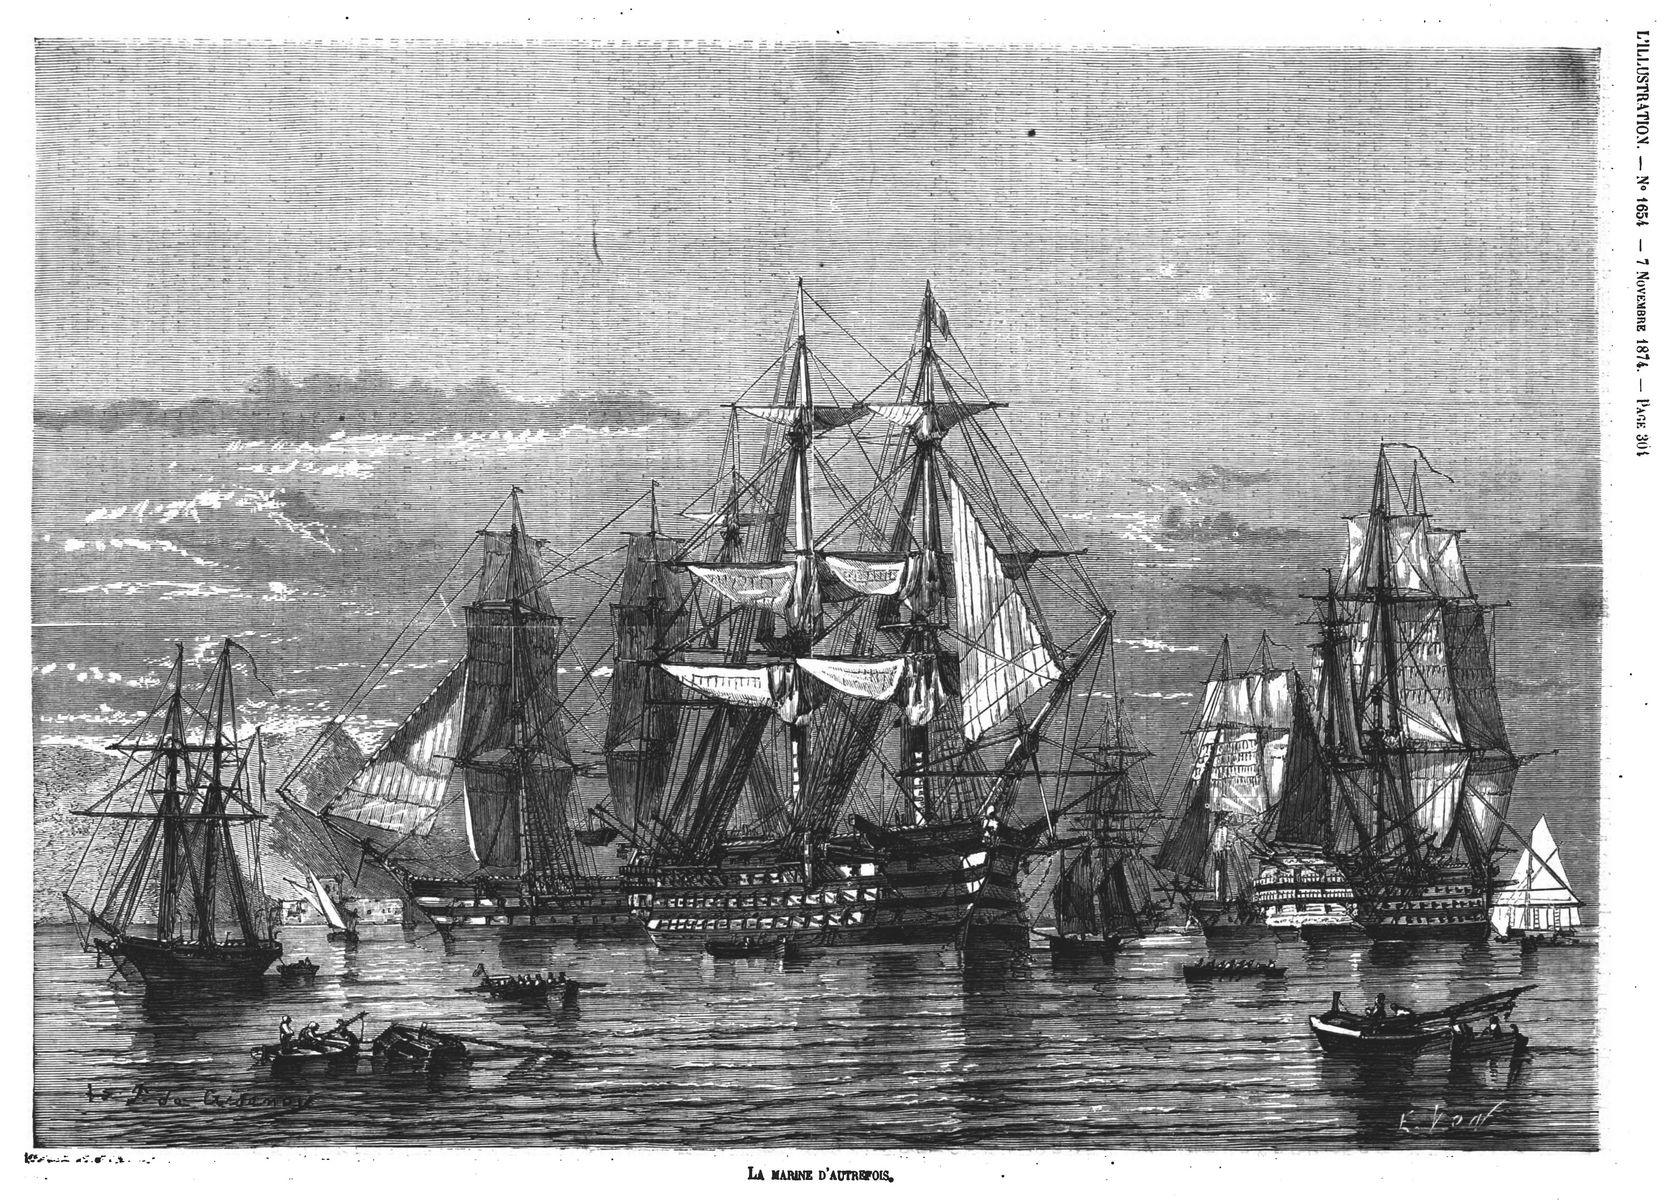 La marine d'autrefois. Gravure 1874